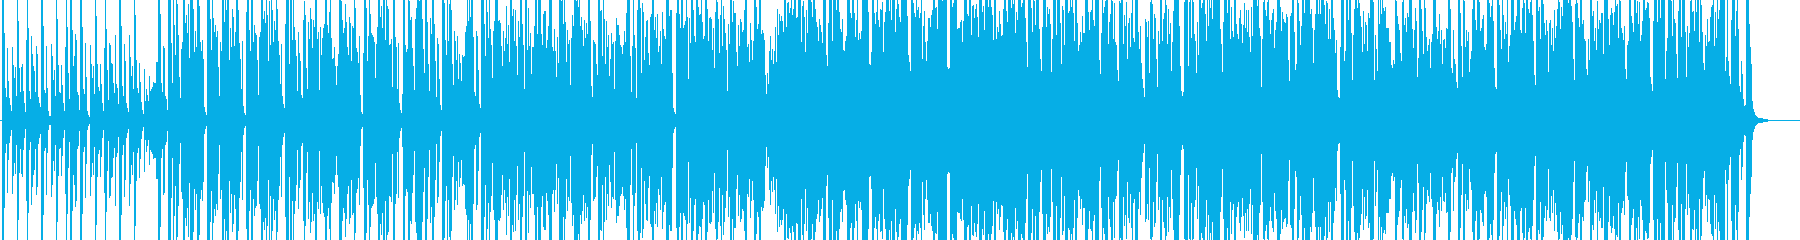 ジャジーなベースとストリングスの大人な曲の再生済みの波形